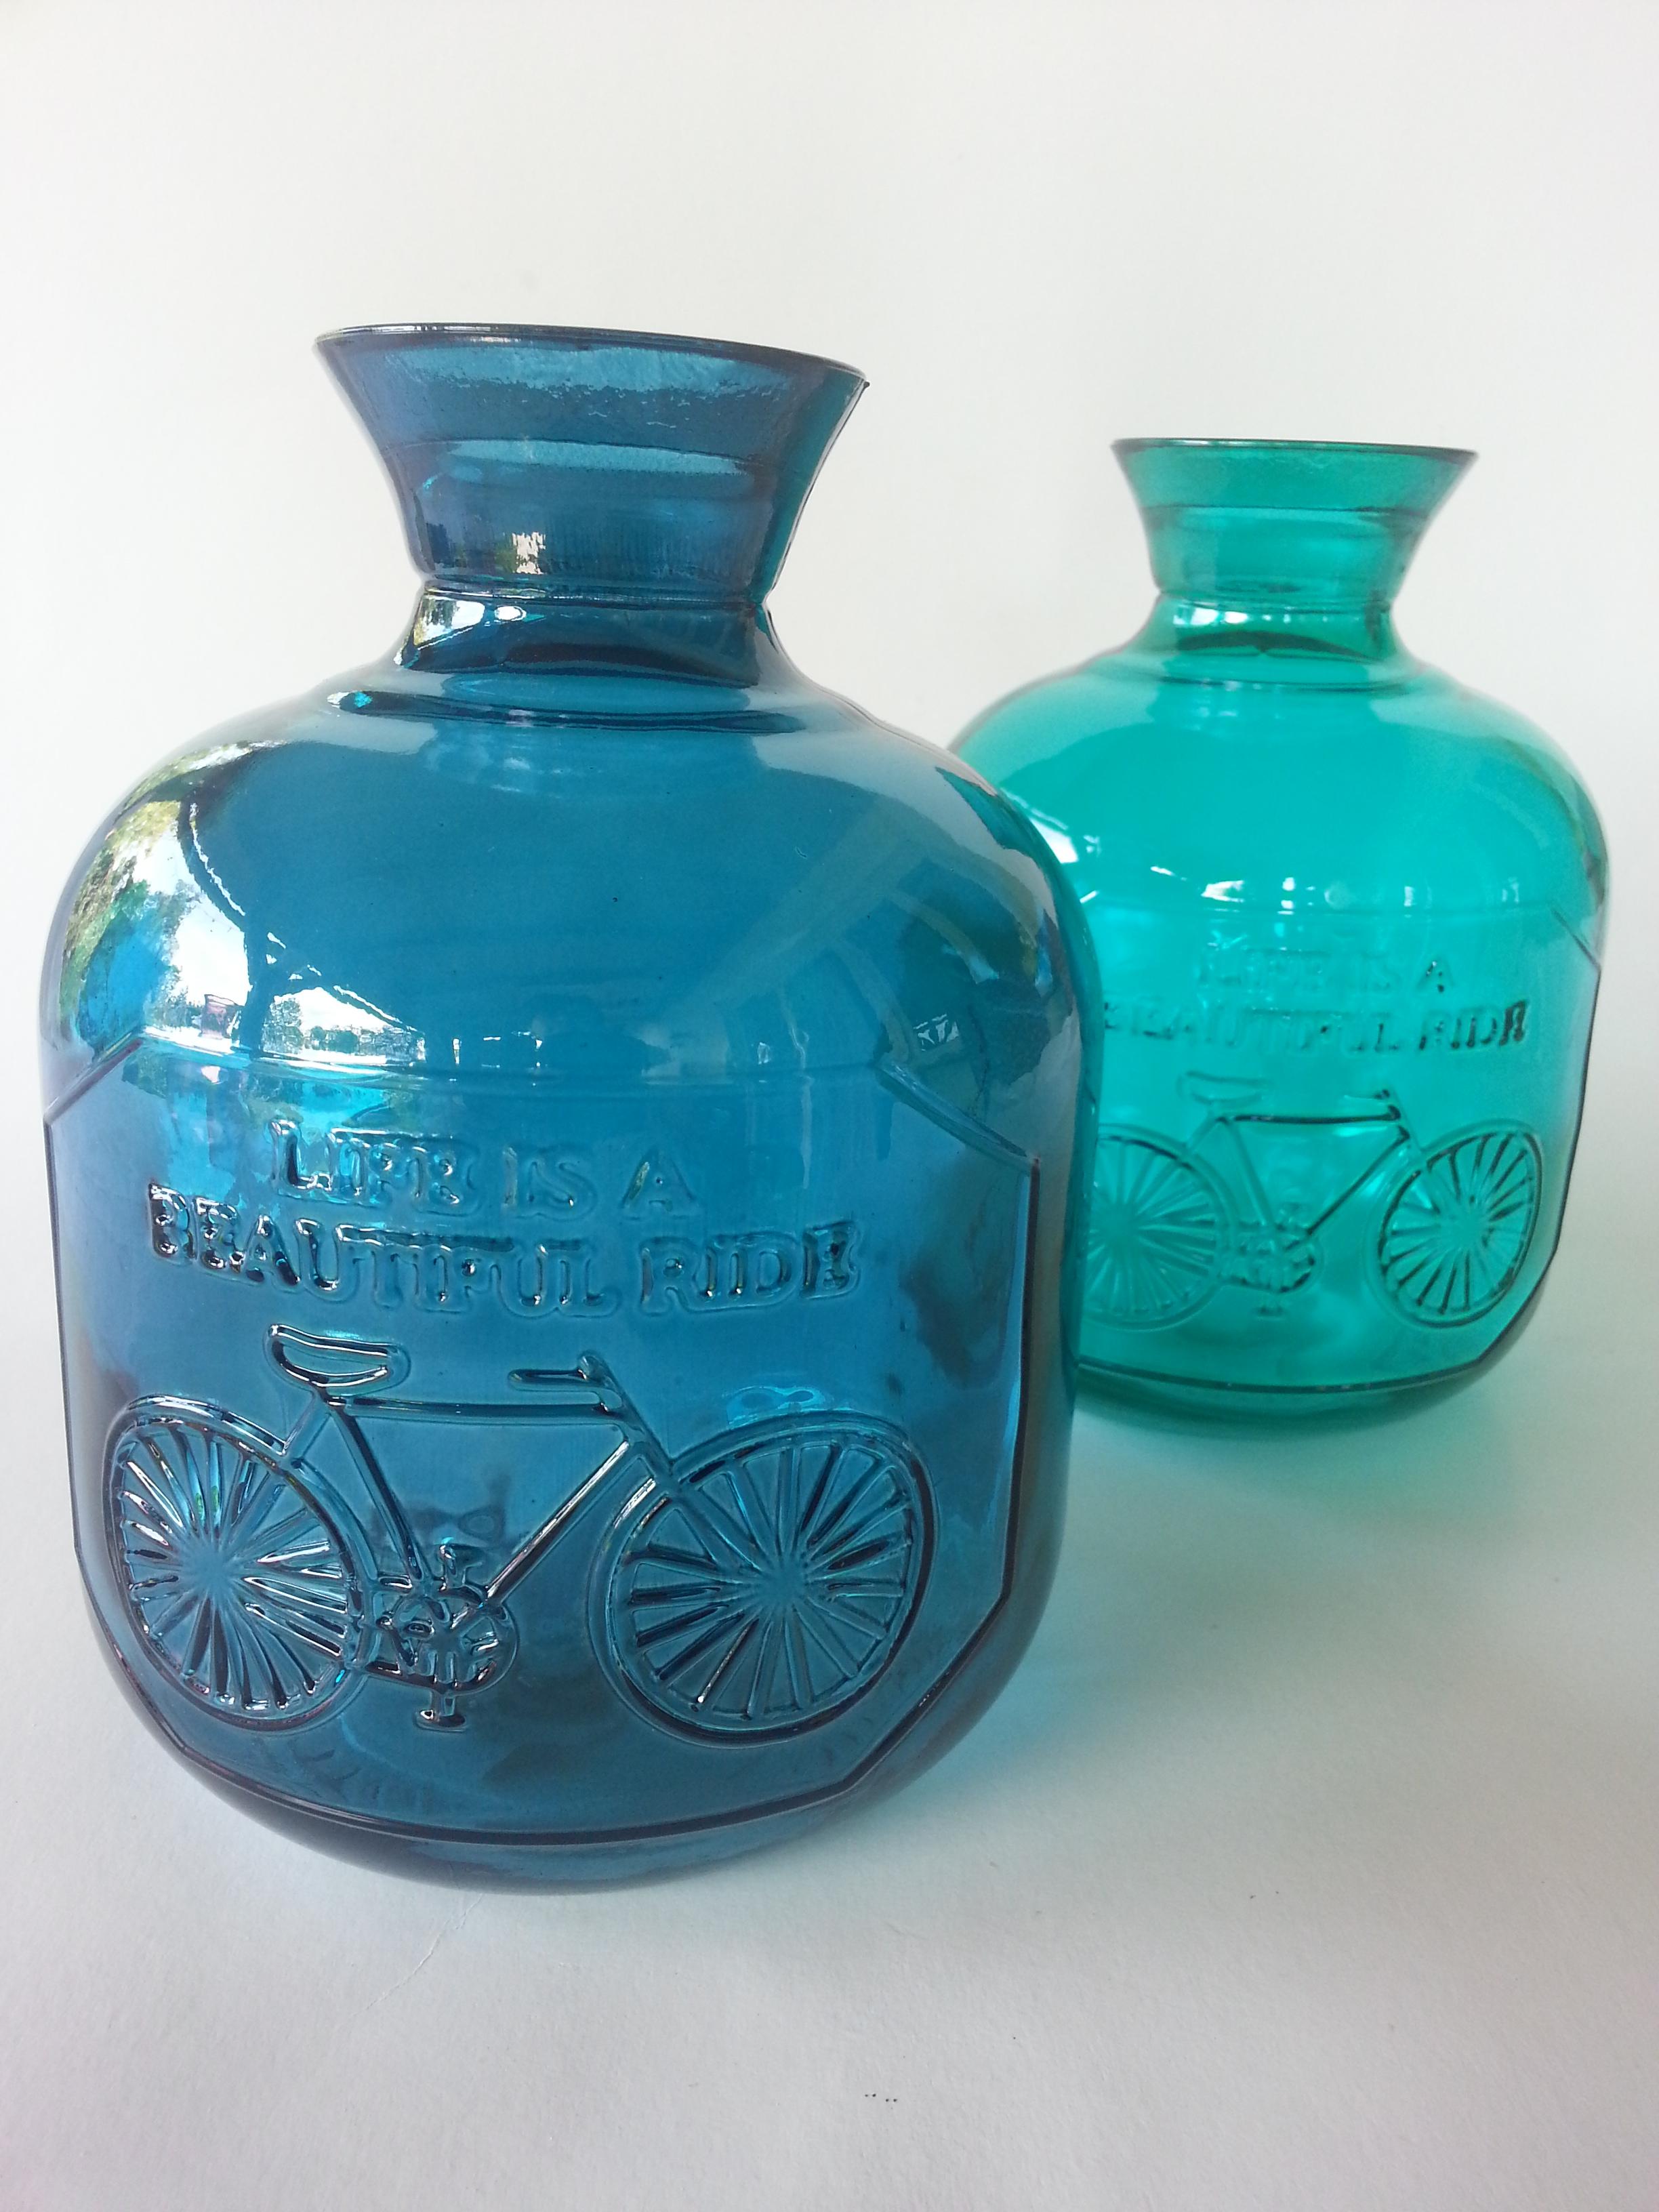 Üveg palack tengerész kék és türkiz színben